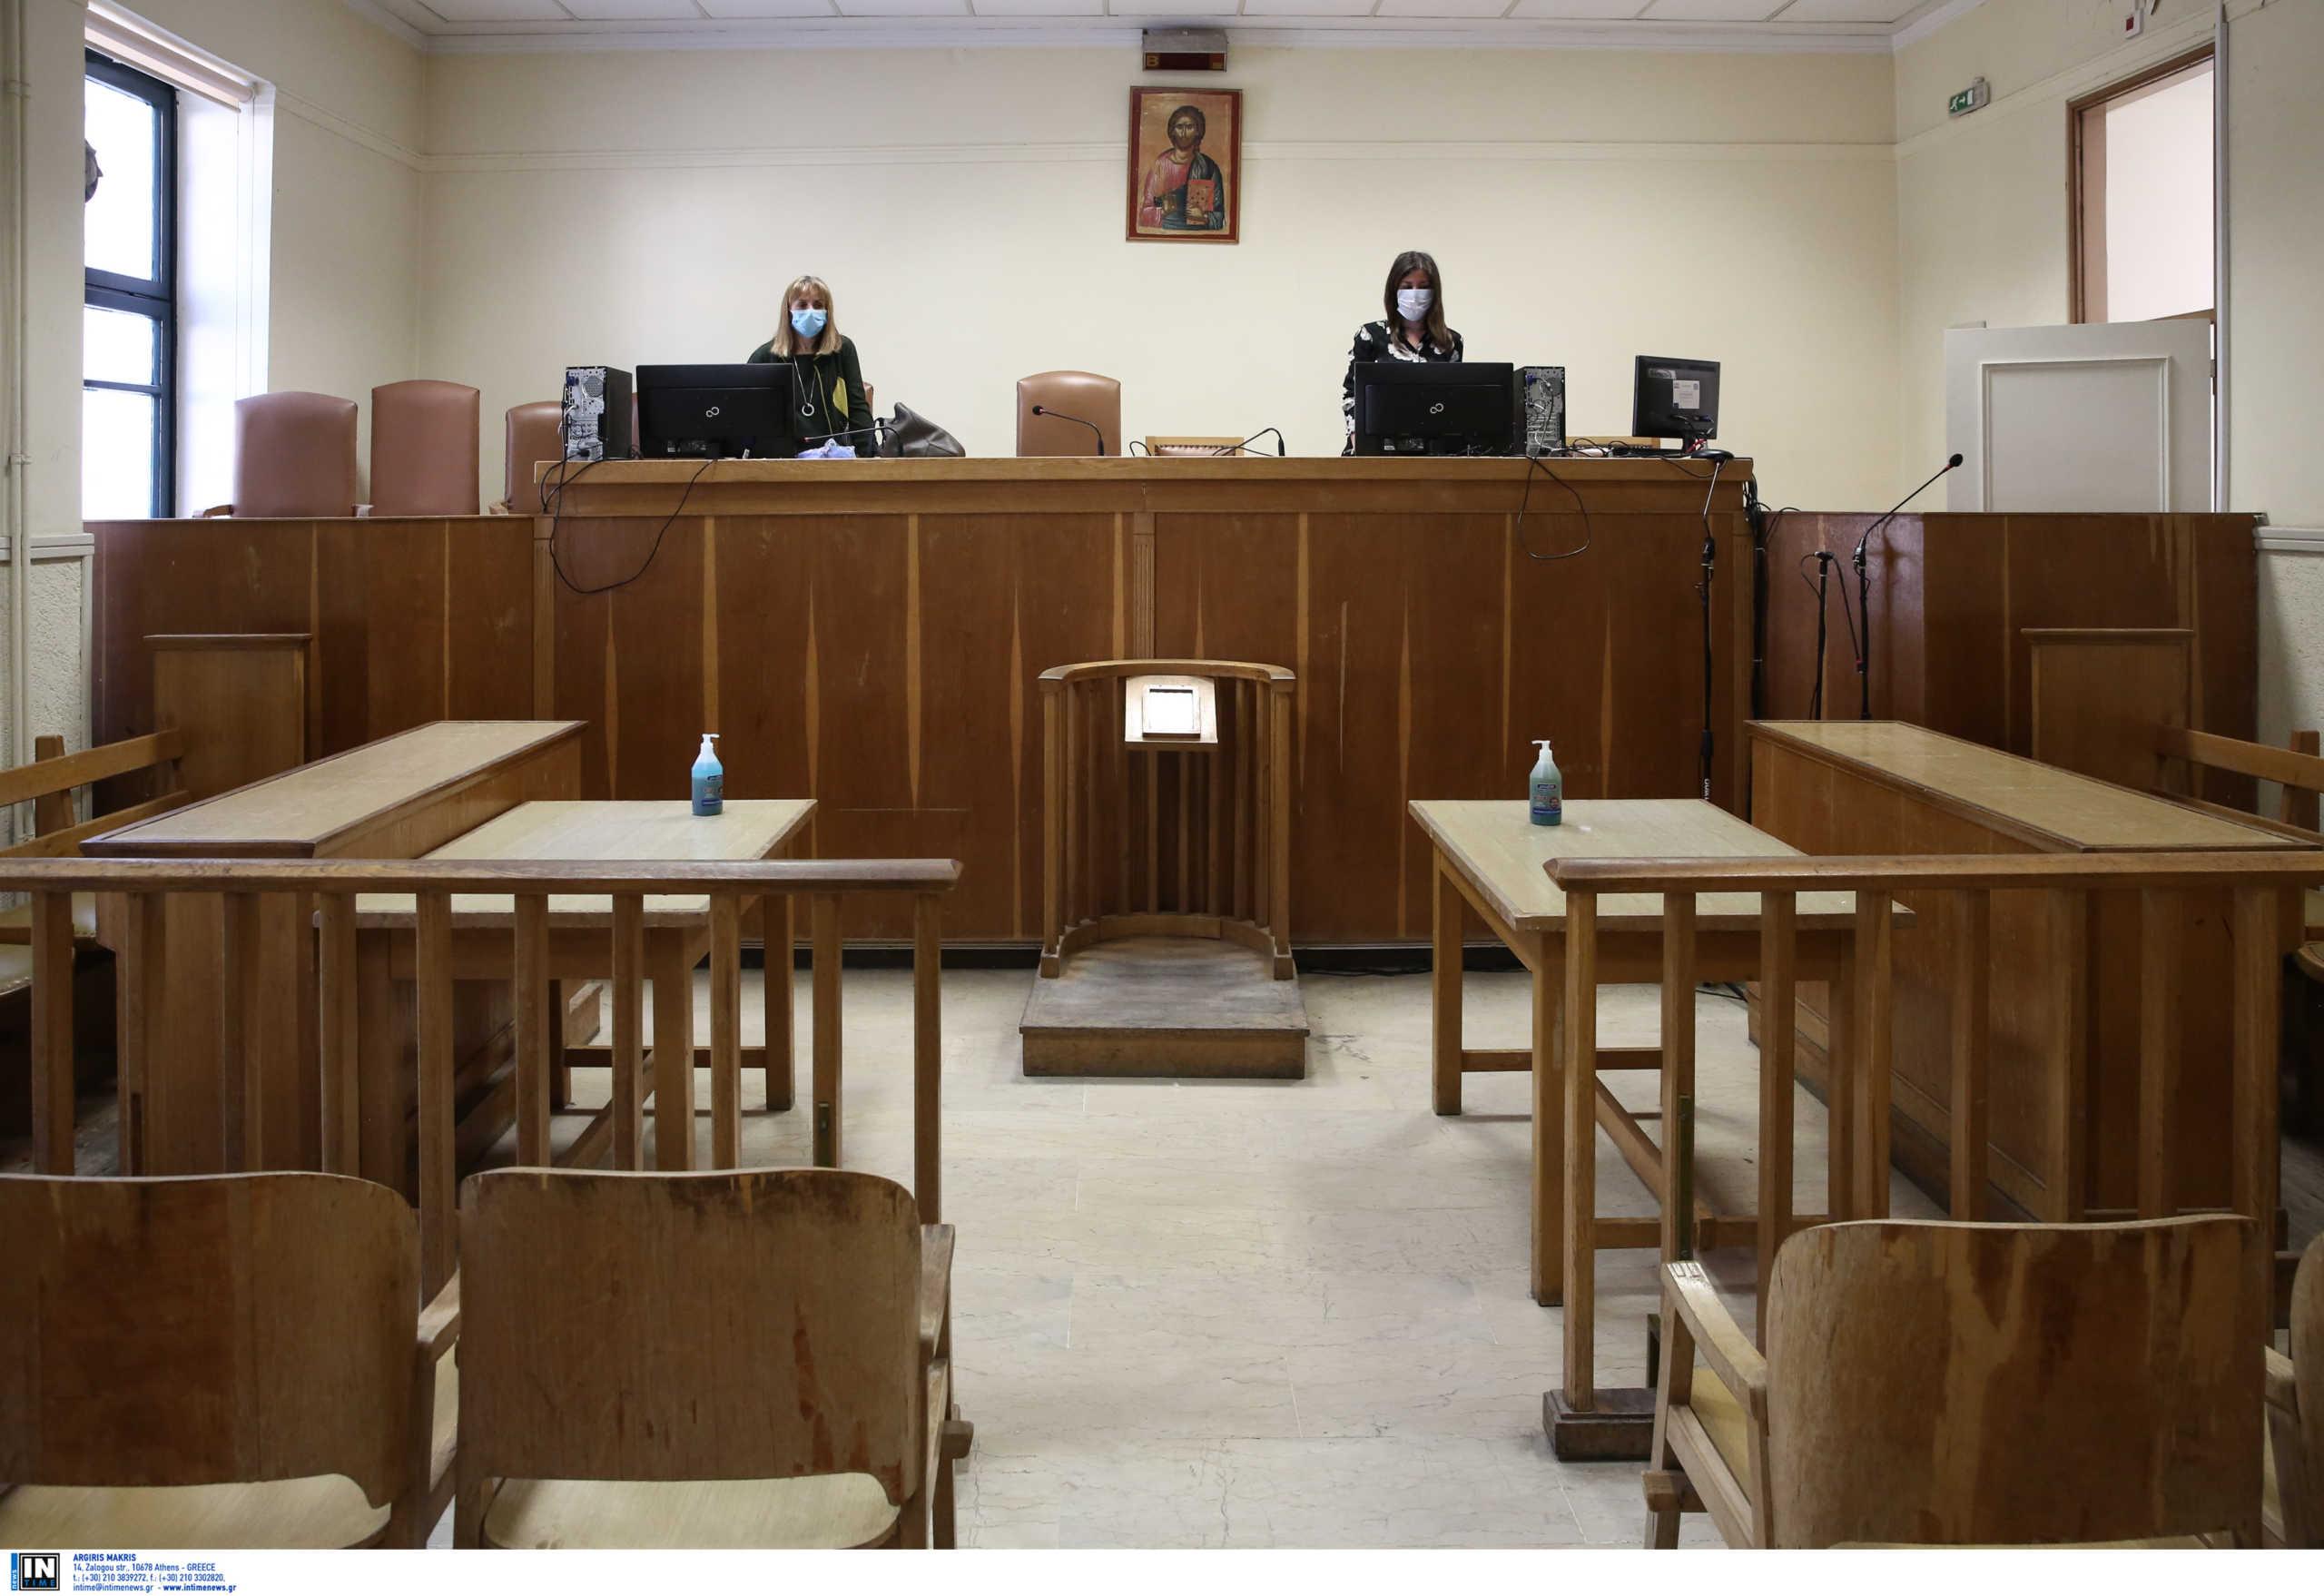 Μέσα στα δικαστήρια: Σαν εικόνες από ταινία με αντισηπτικά παντού, μάσκες και αυστηρά μέτρα (pics)